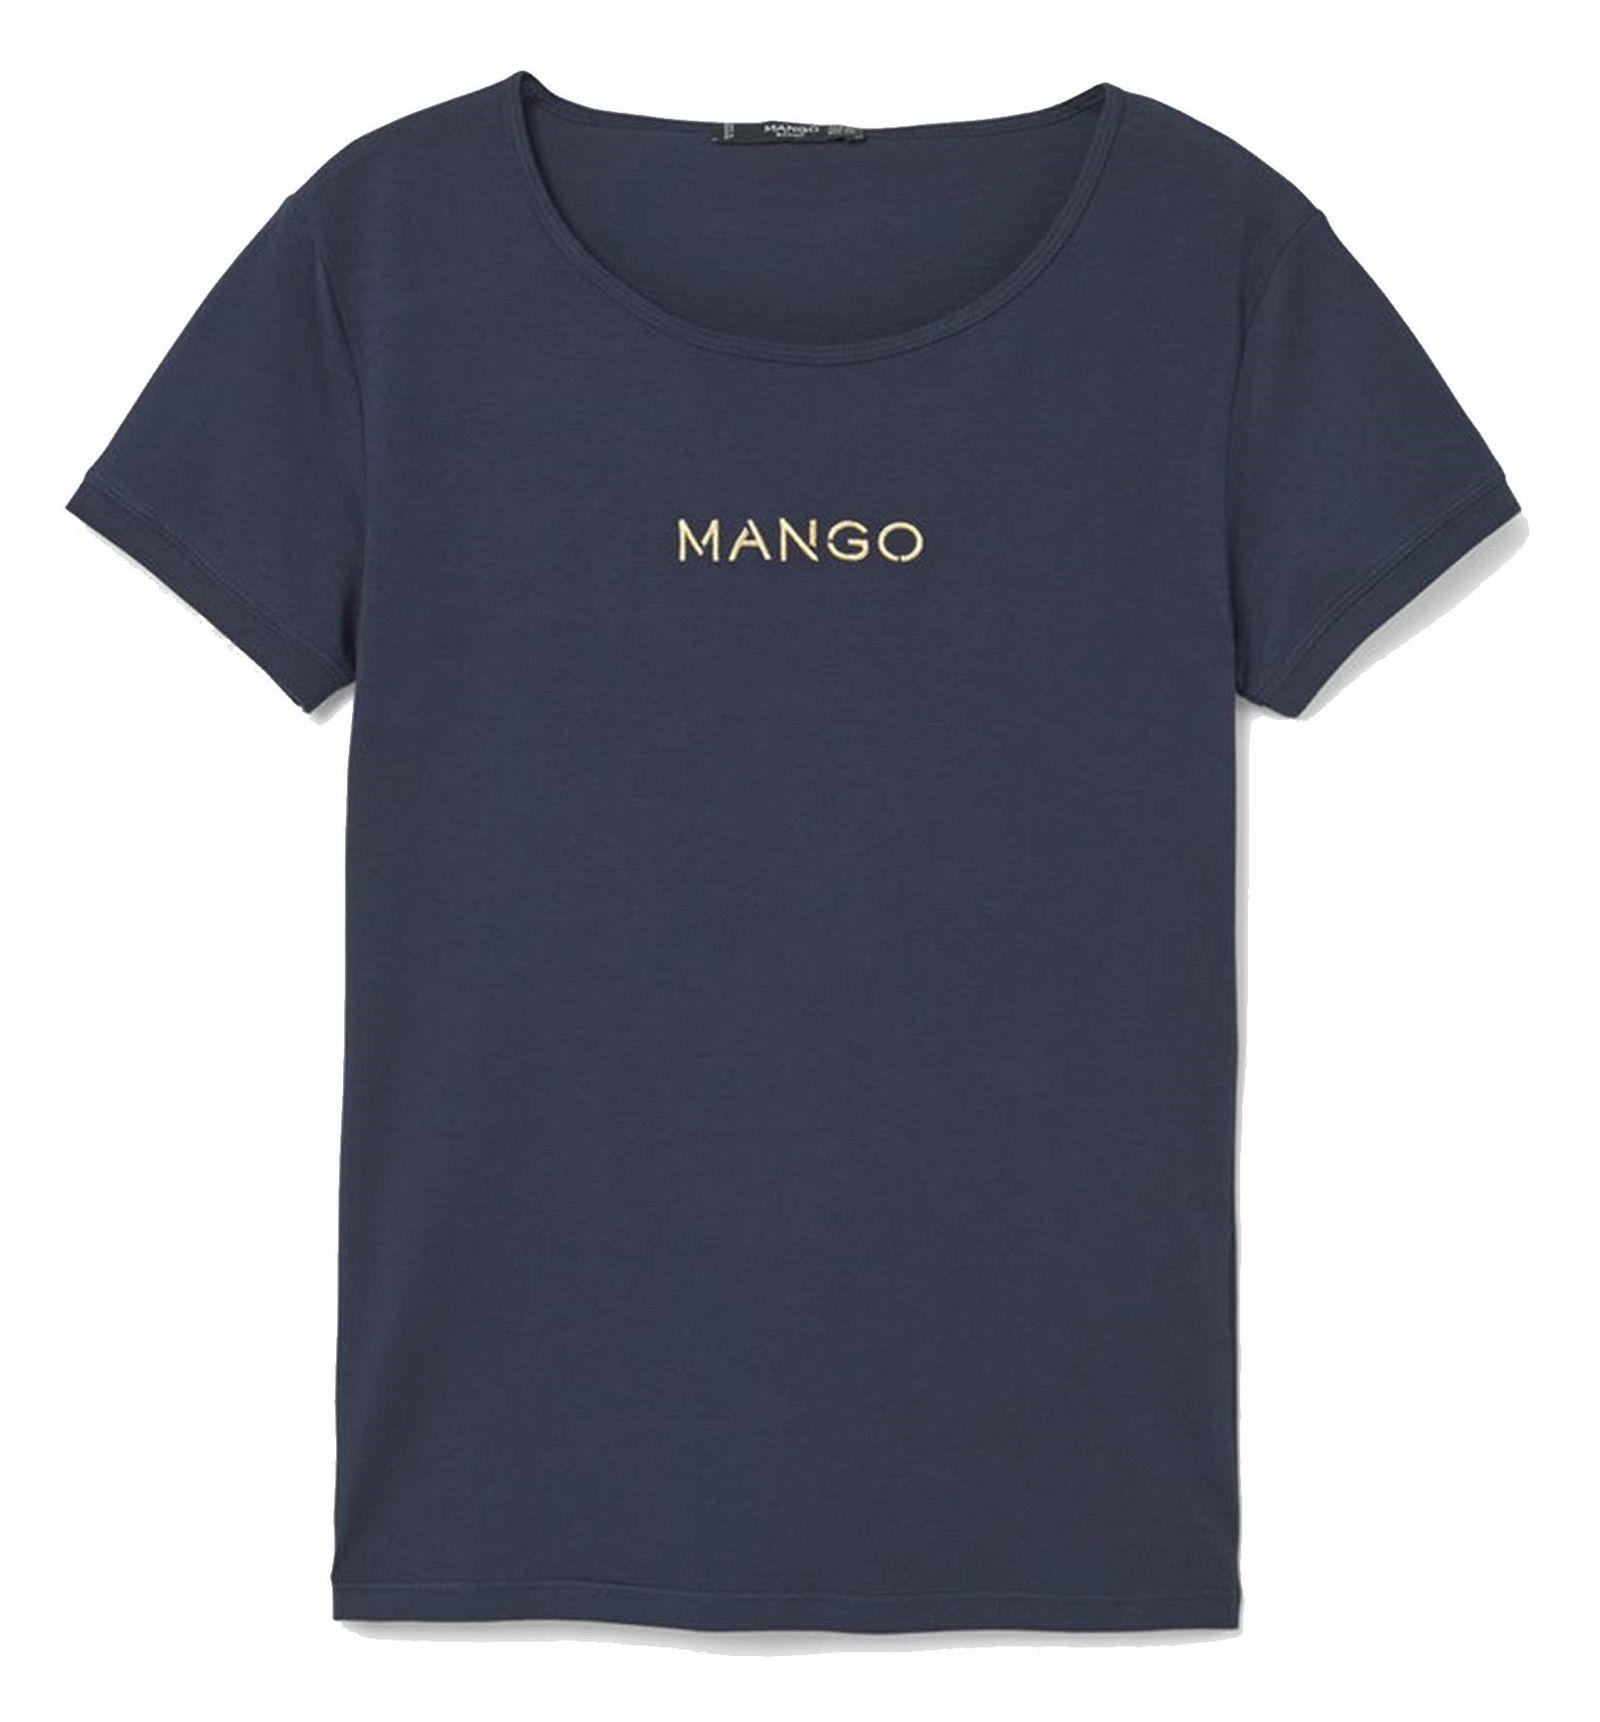 تی شرت نخی یقه گرد زنانه - مانگو - سرمه اي - 1